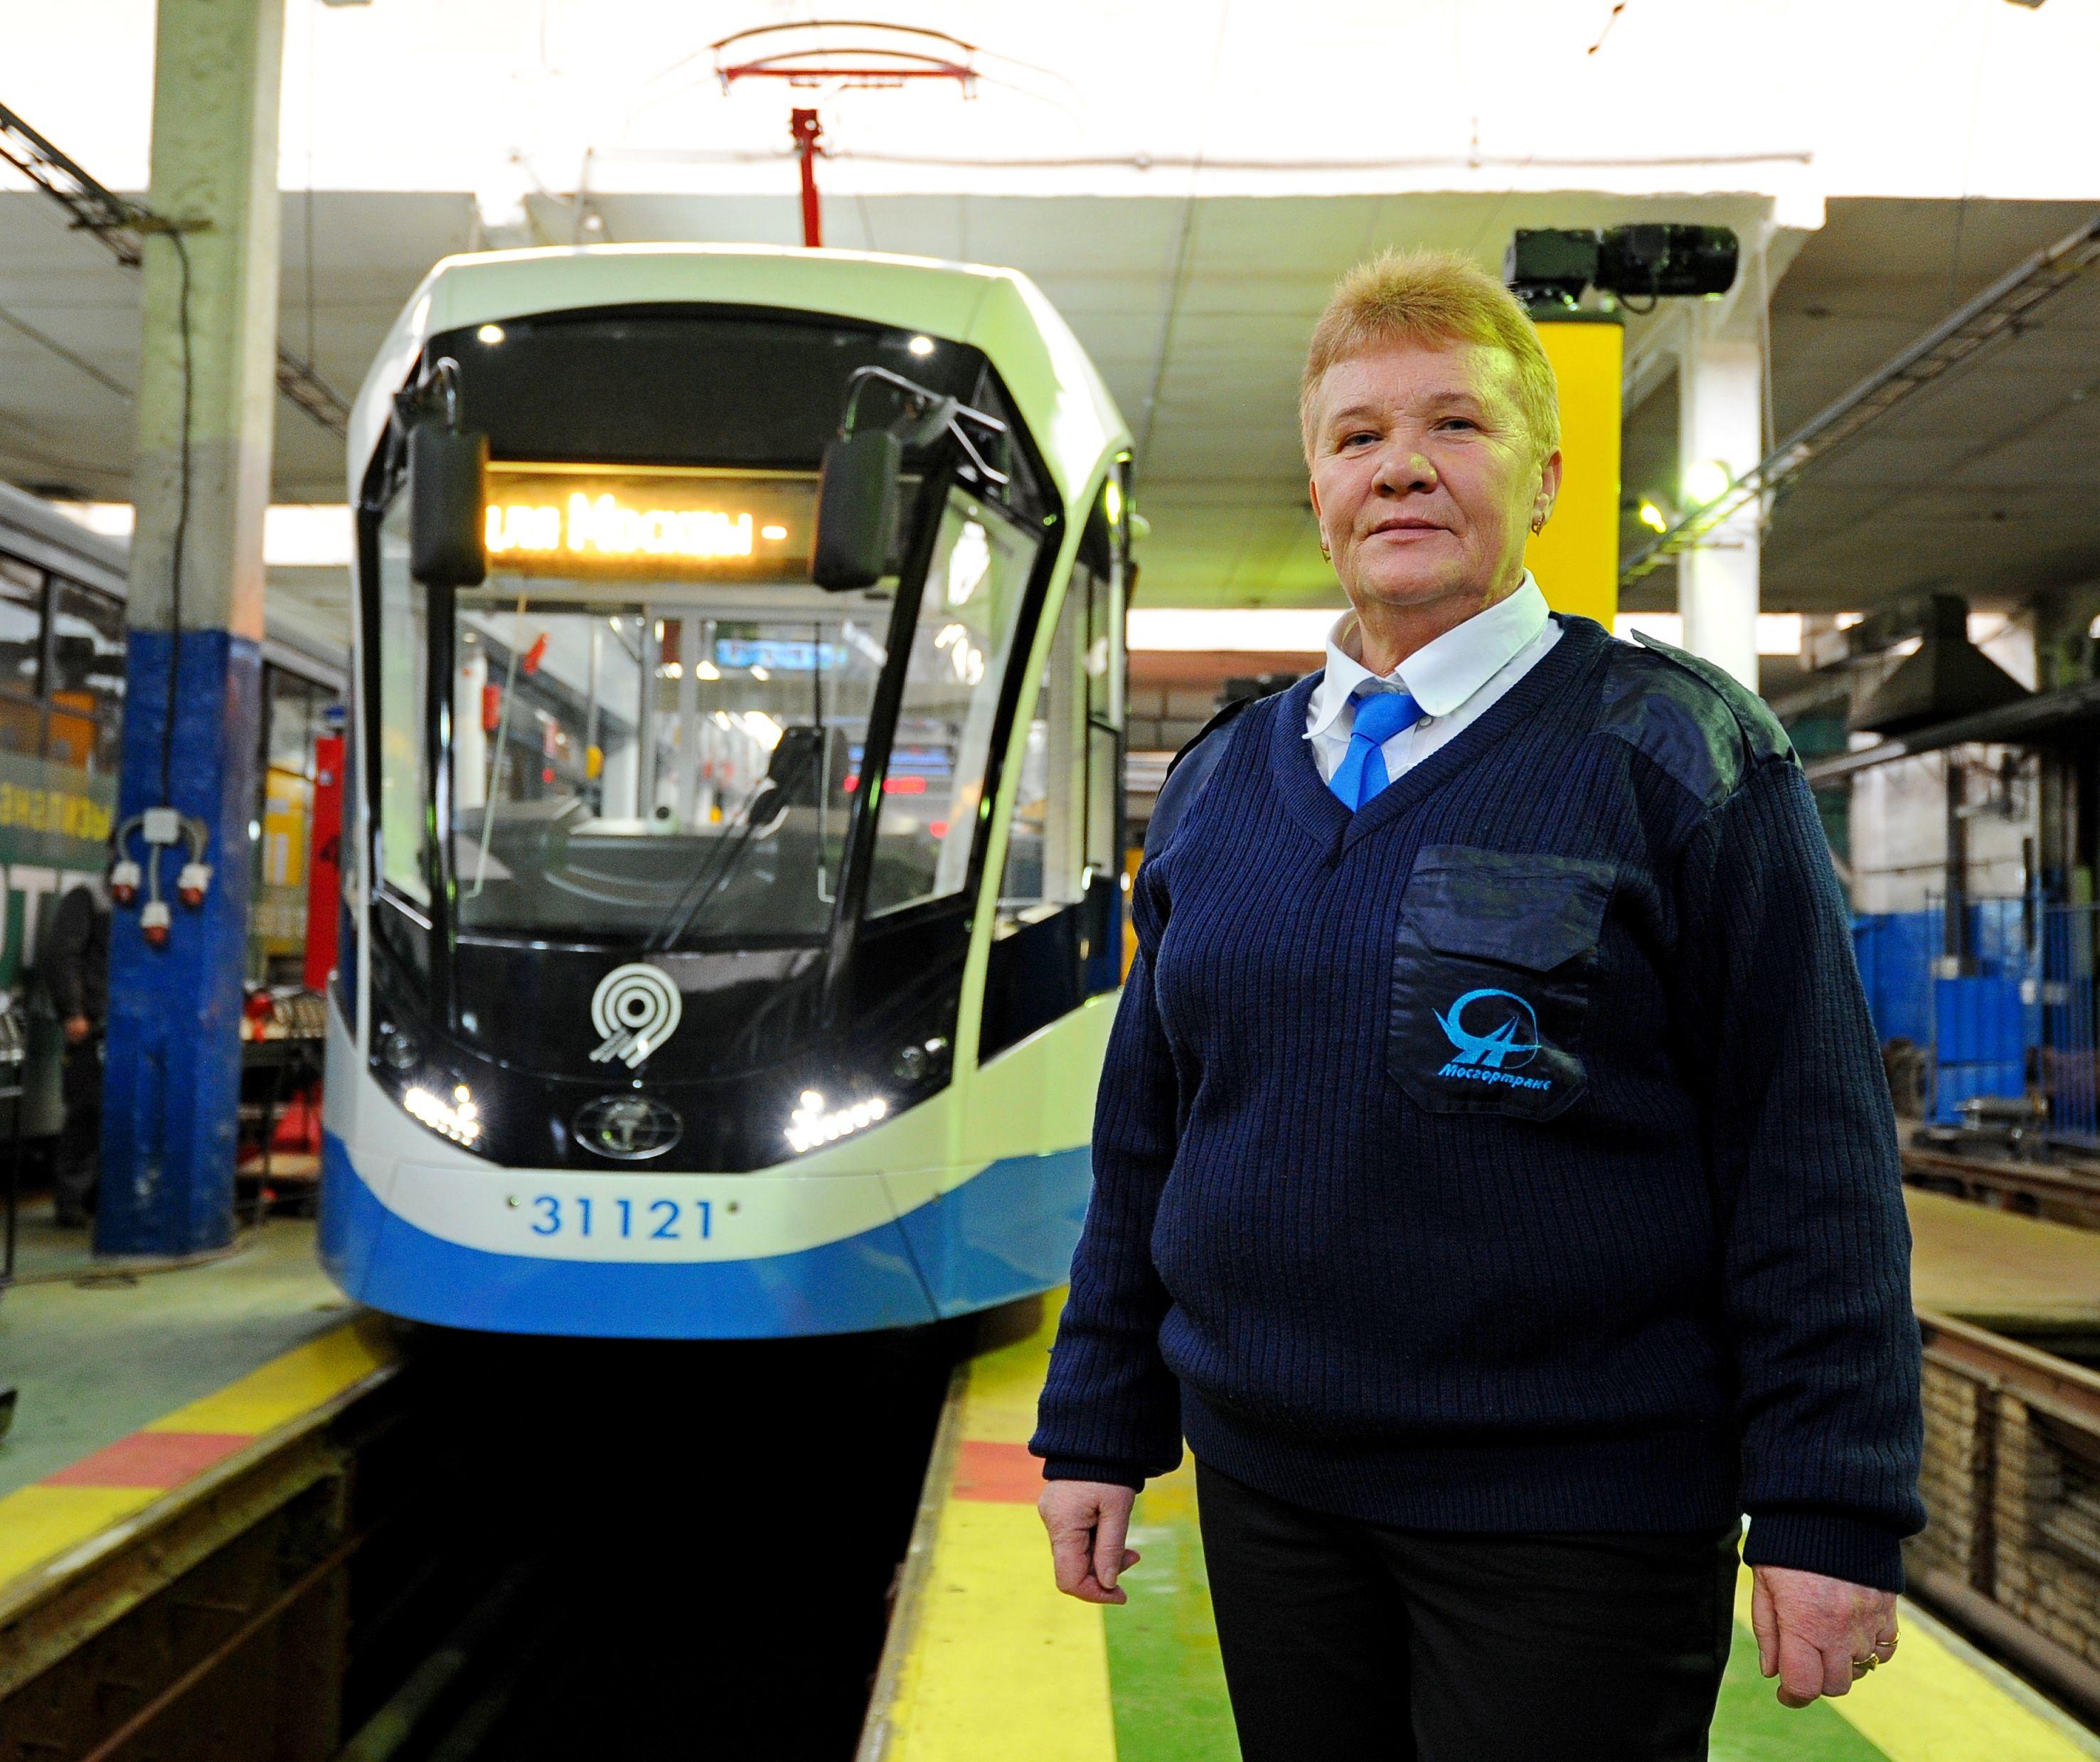 Москвичам рассказали о техническом обслуживании трамваев «Витязь»